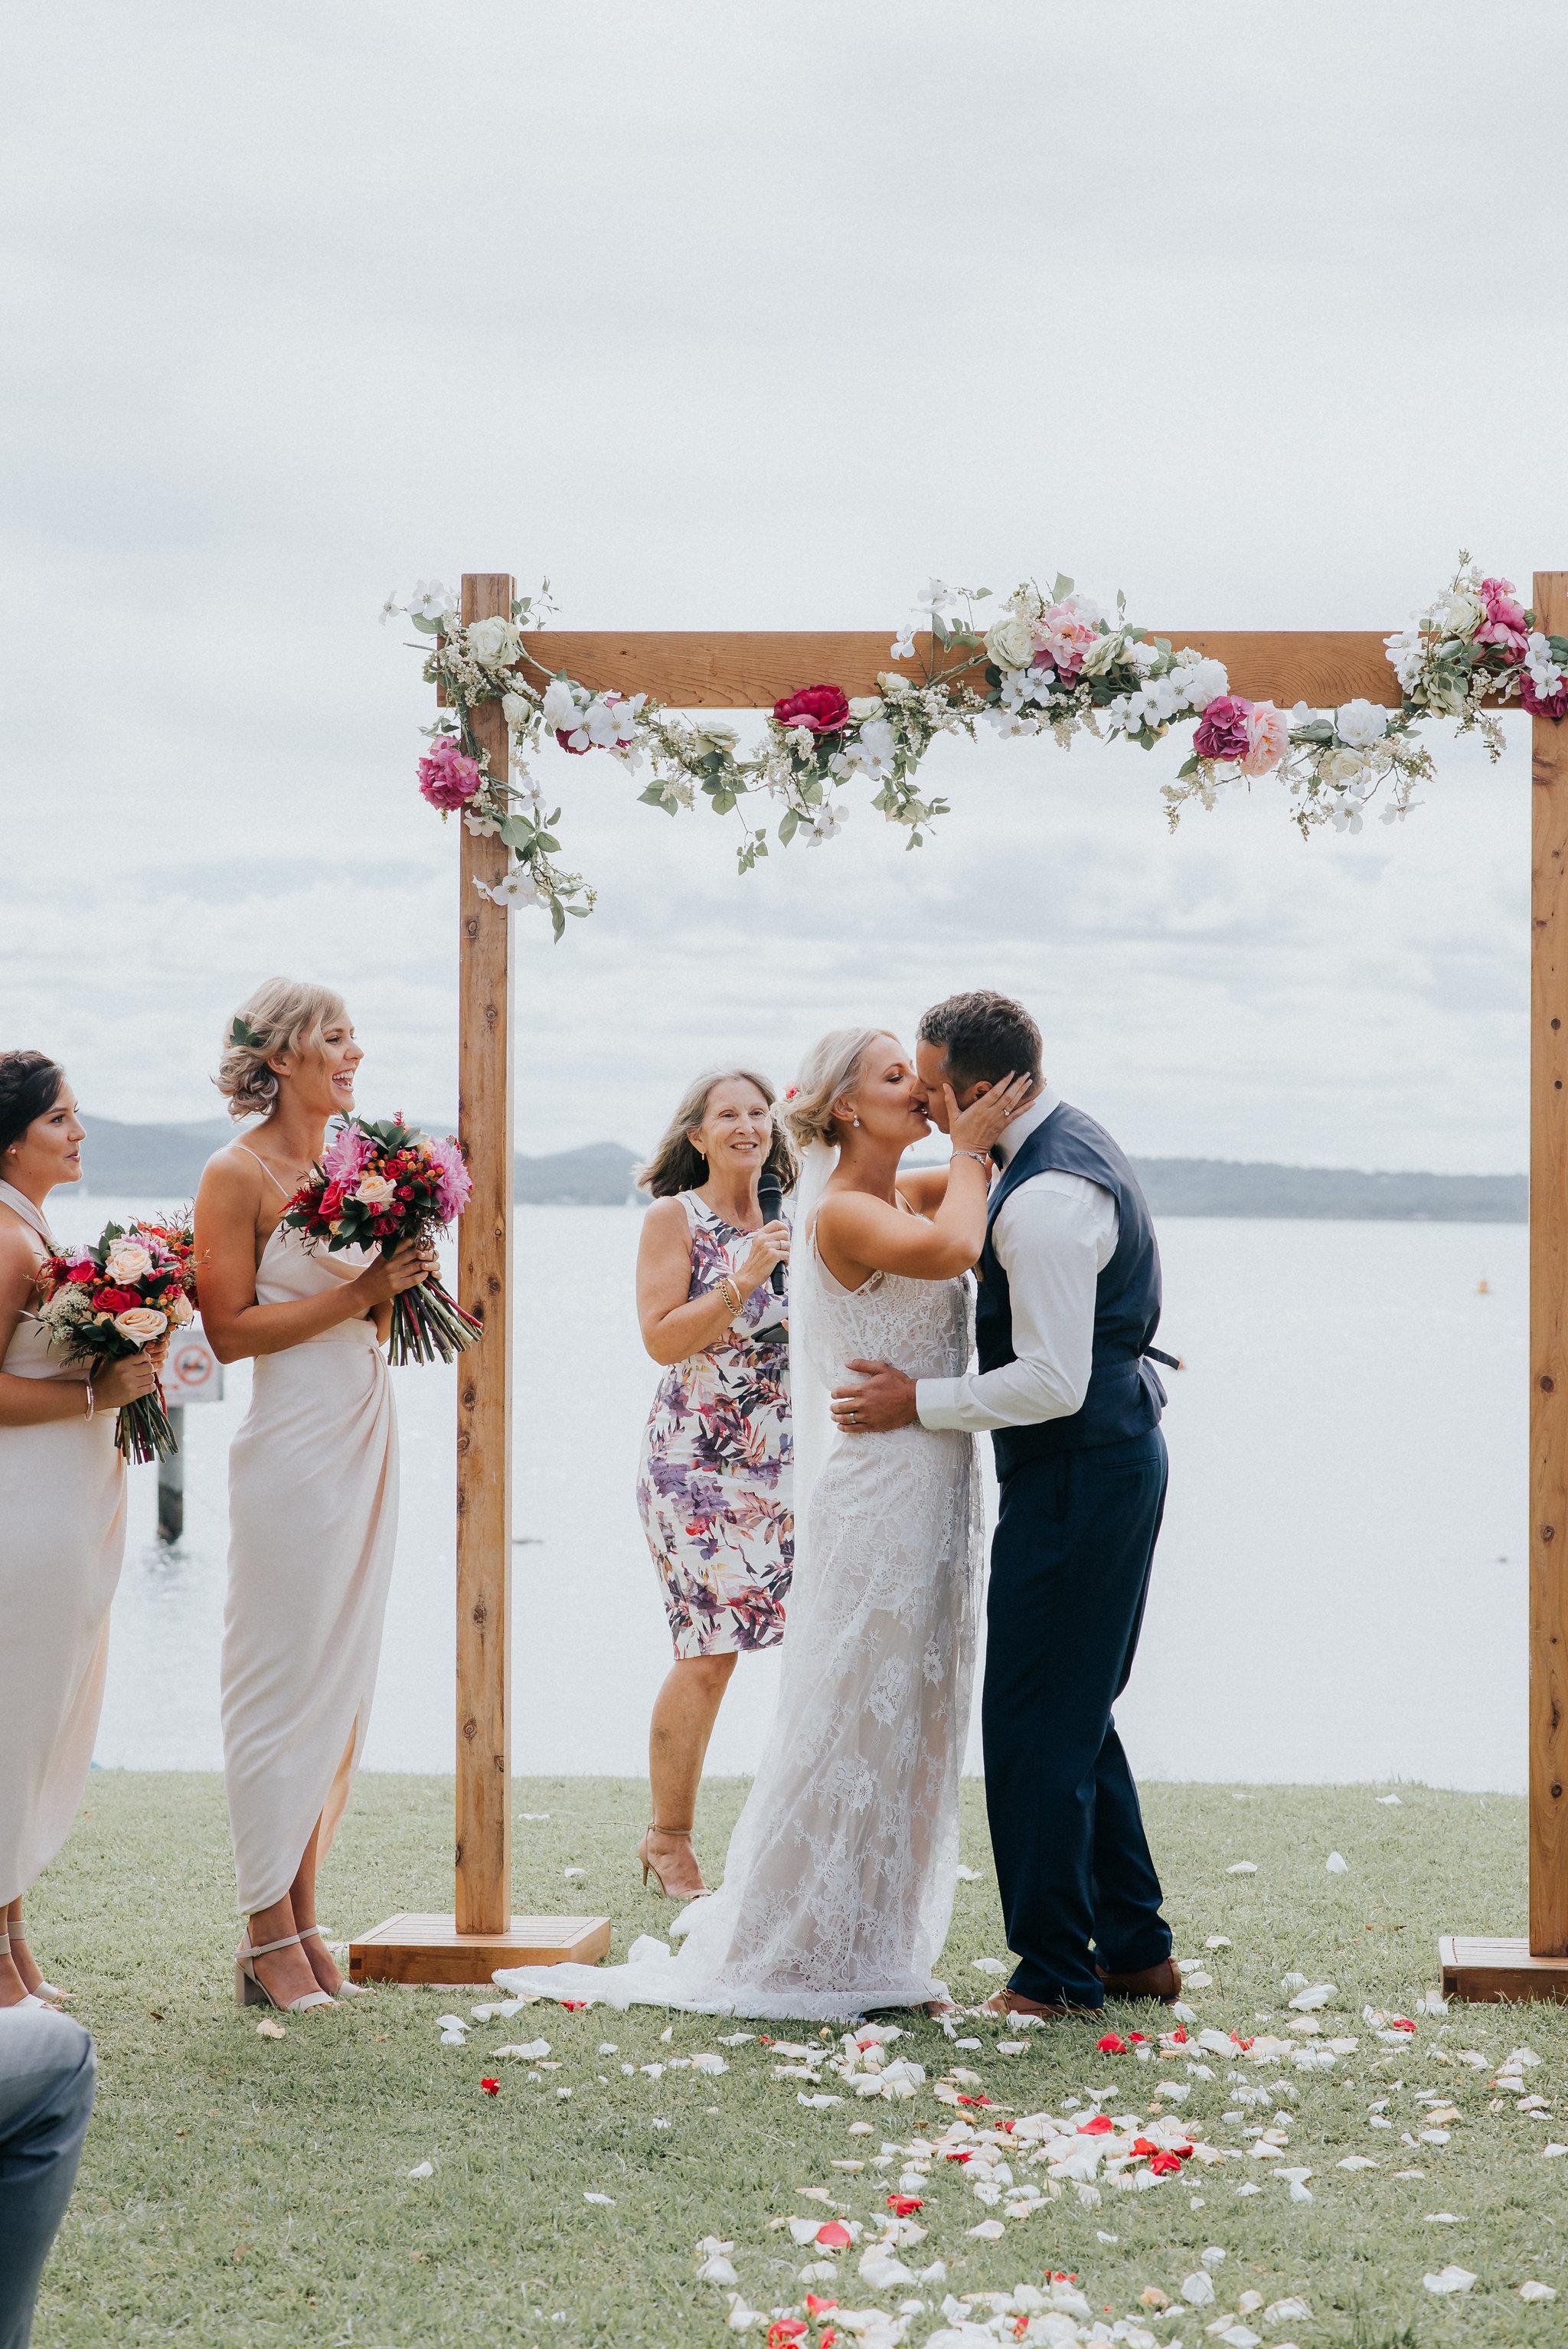 LITTLE-BEACH-WEDDING-MARCHANT-398.jpg